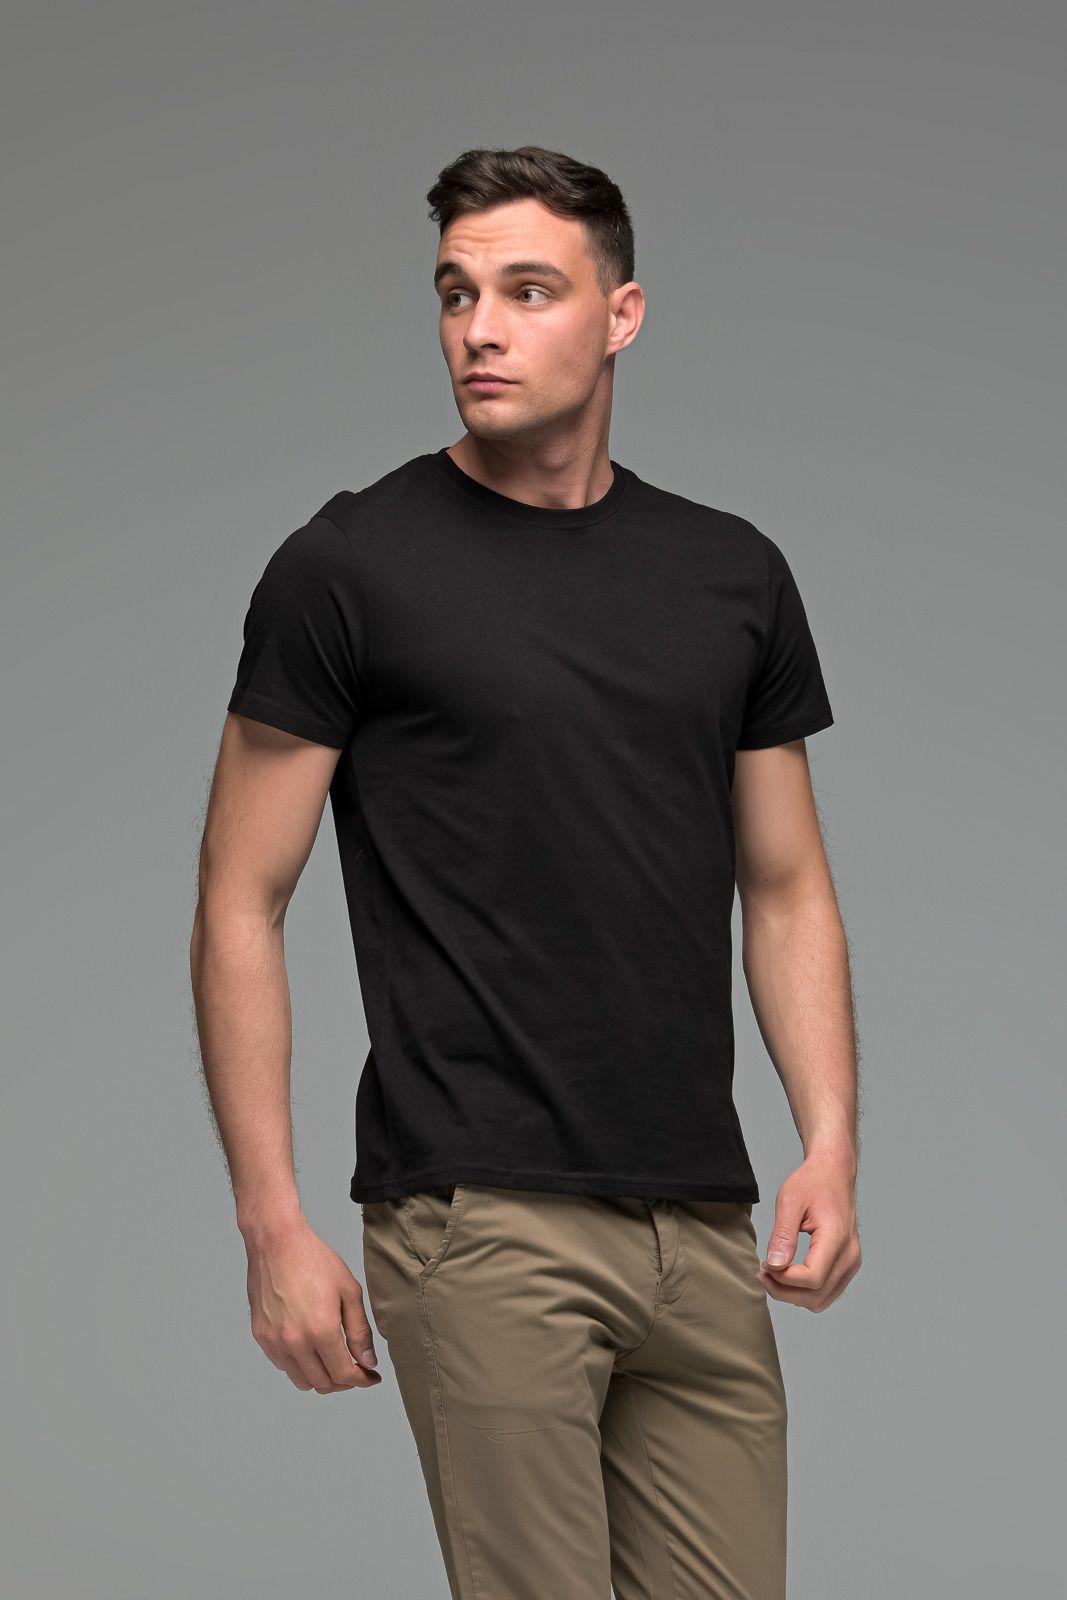 Μονόχρωμο μαύρο ανδρικό κοντομάνικο T-SHIRT - Basic Collection